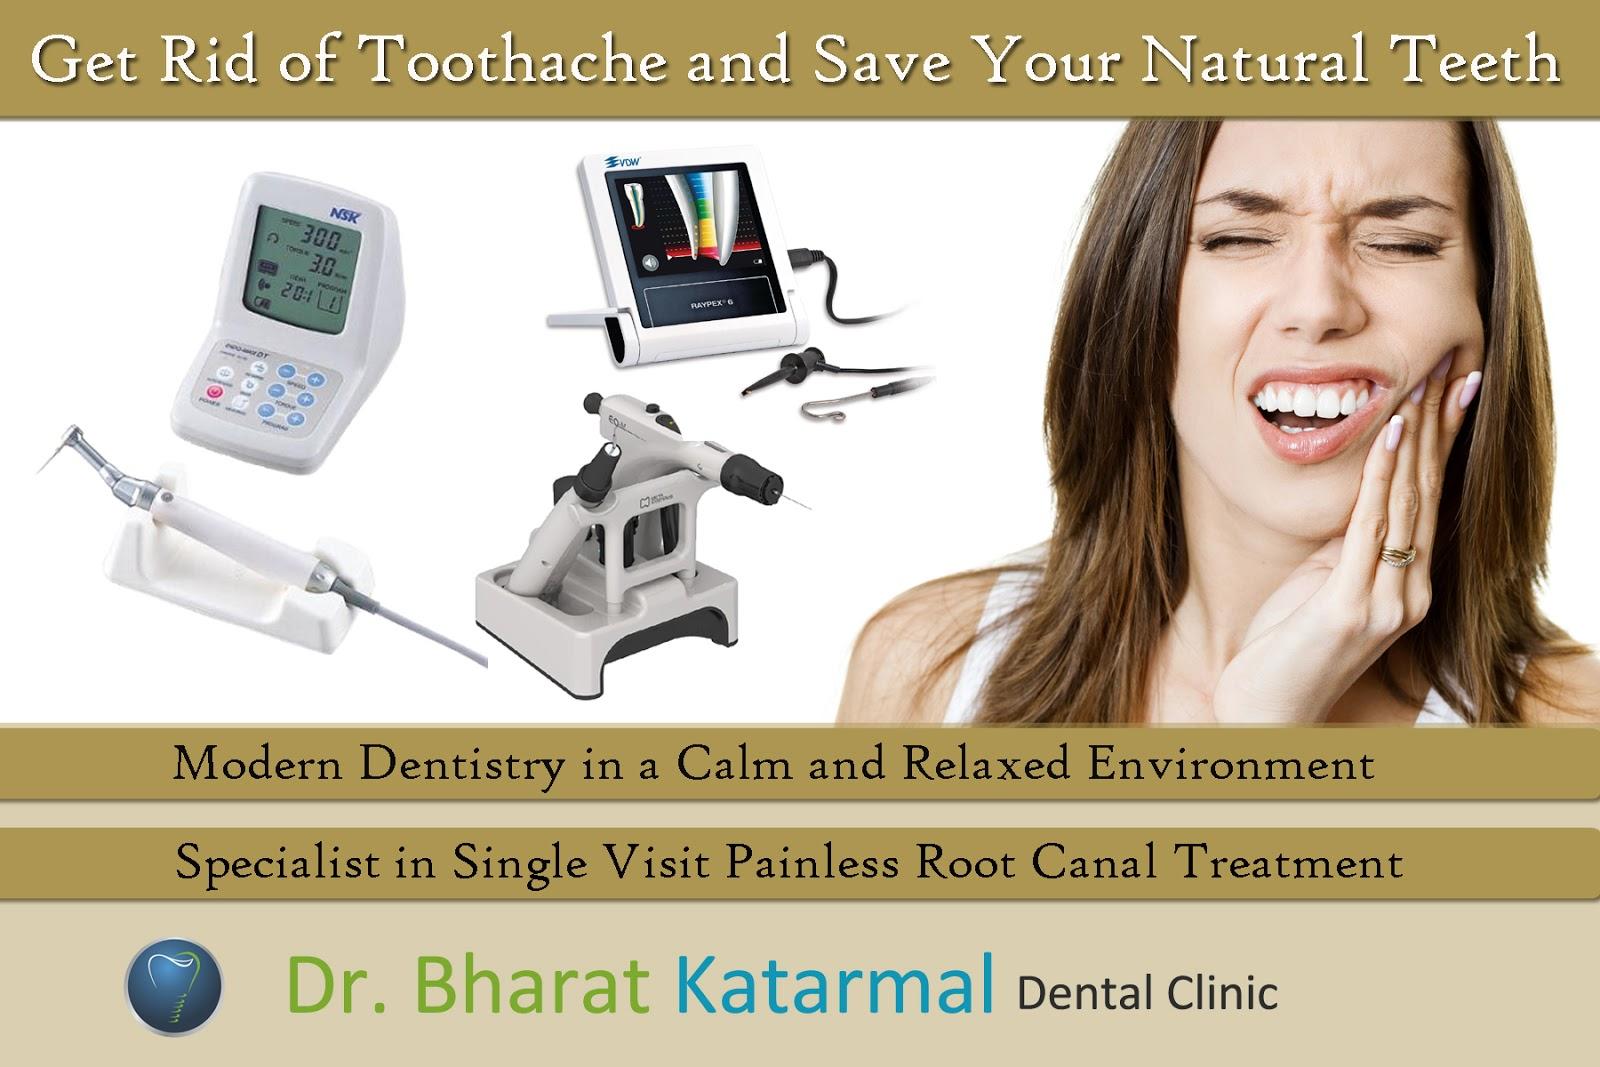 Bharat Katarmal Dental Clinic